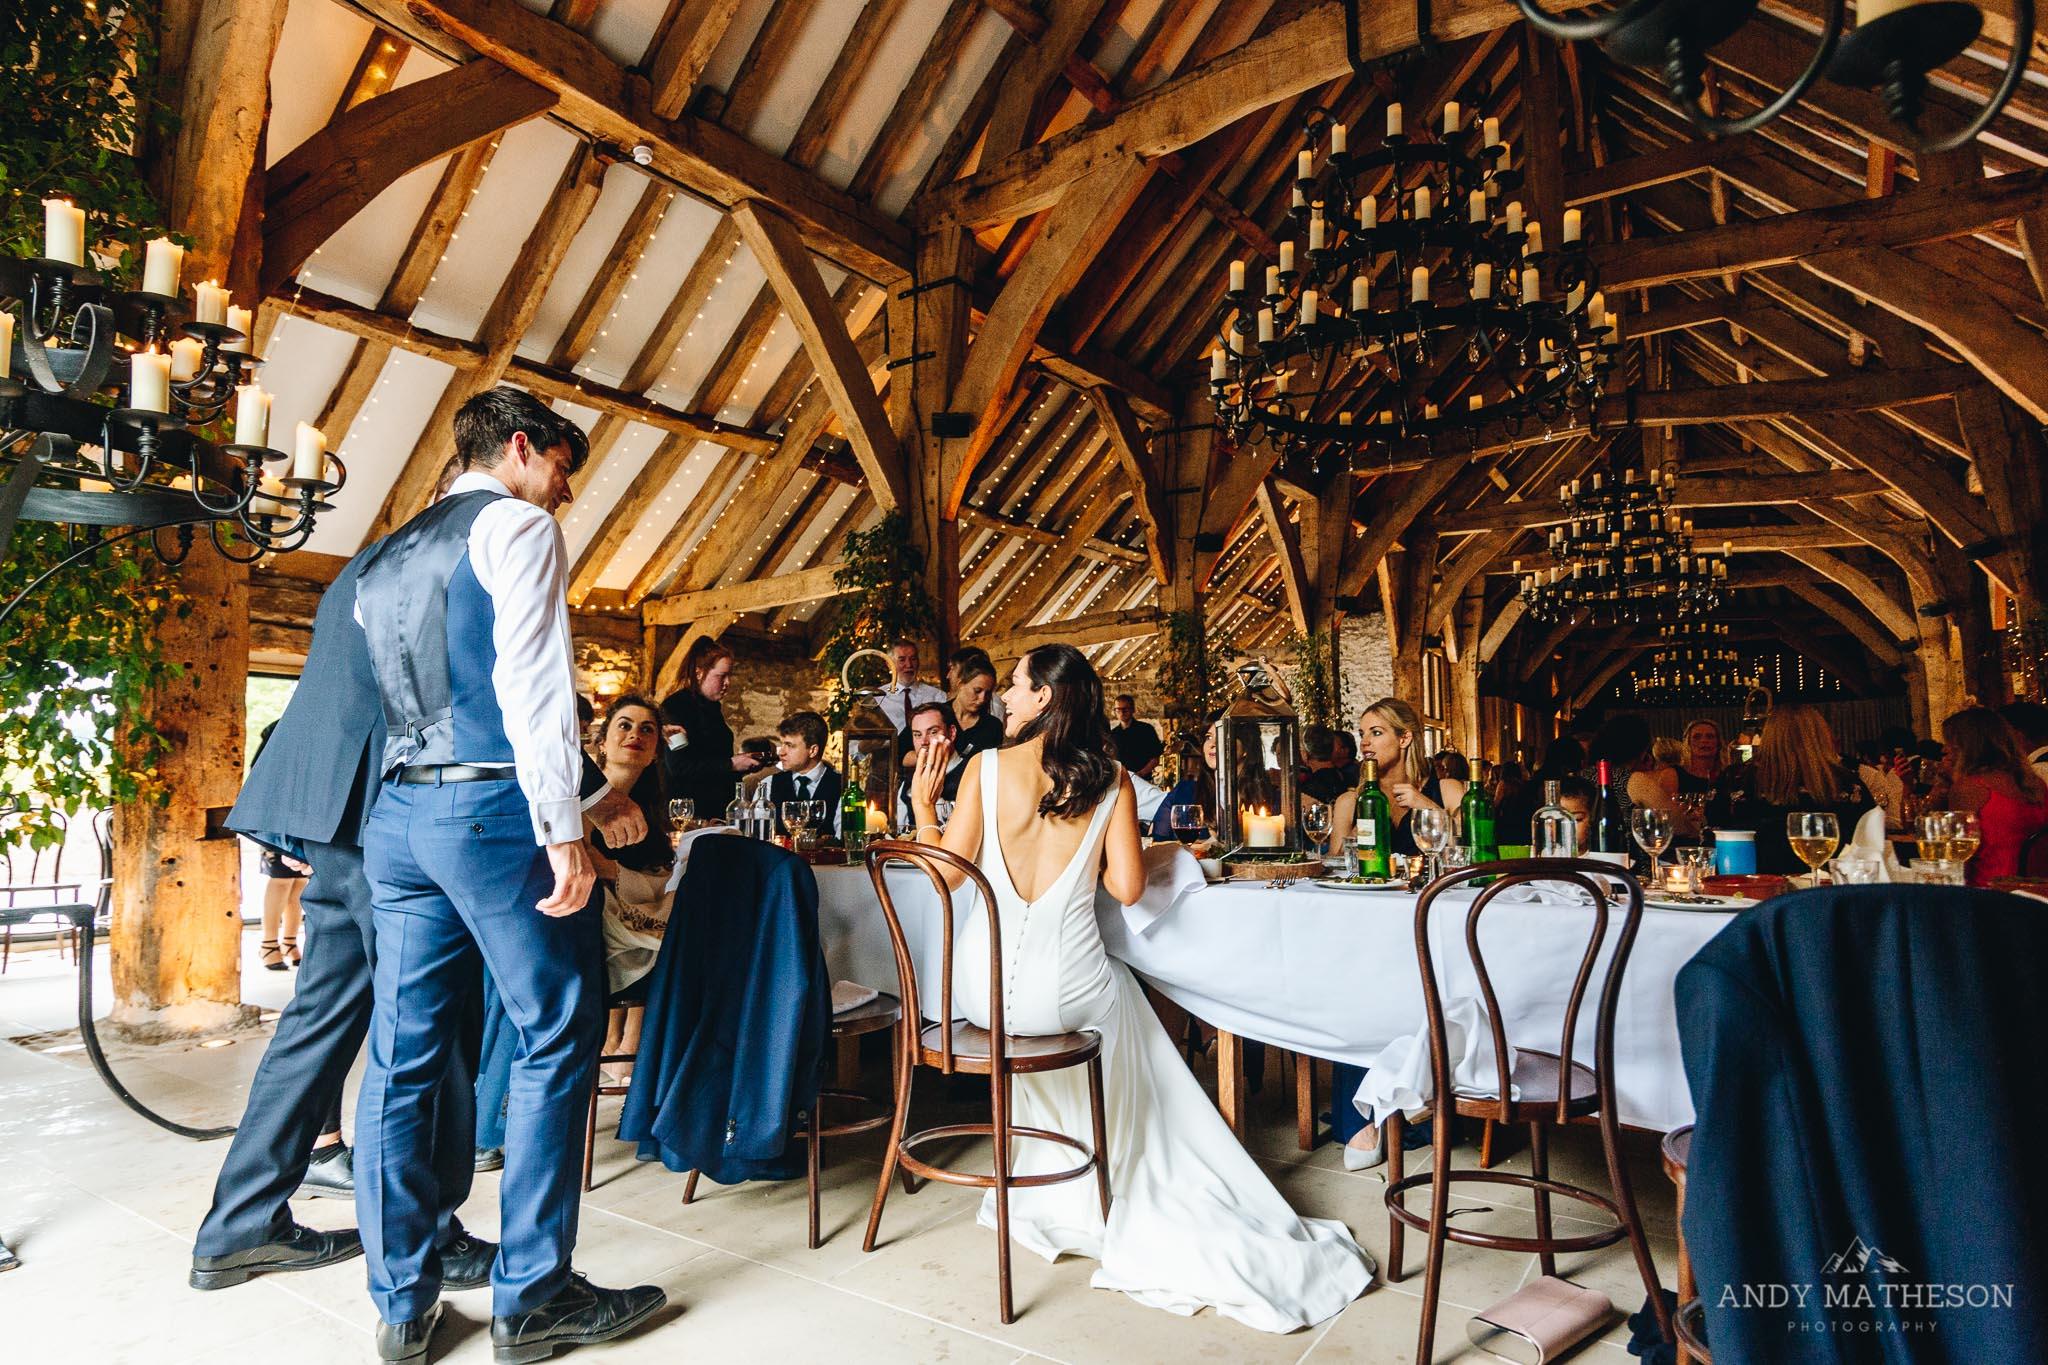 Tithe Barn Bolton Abbey Wedding Photographer_Andy Matheson_063.jpg